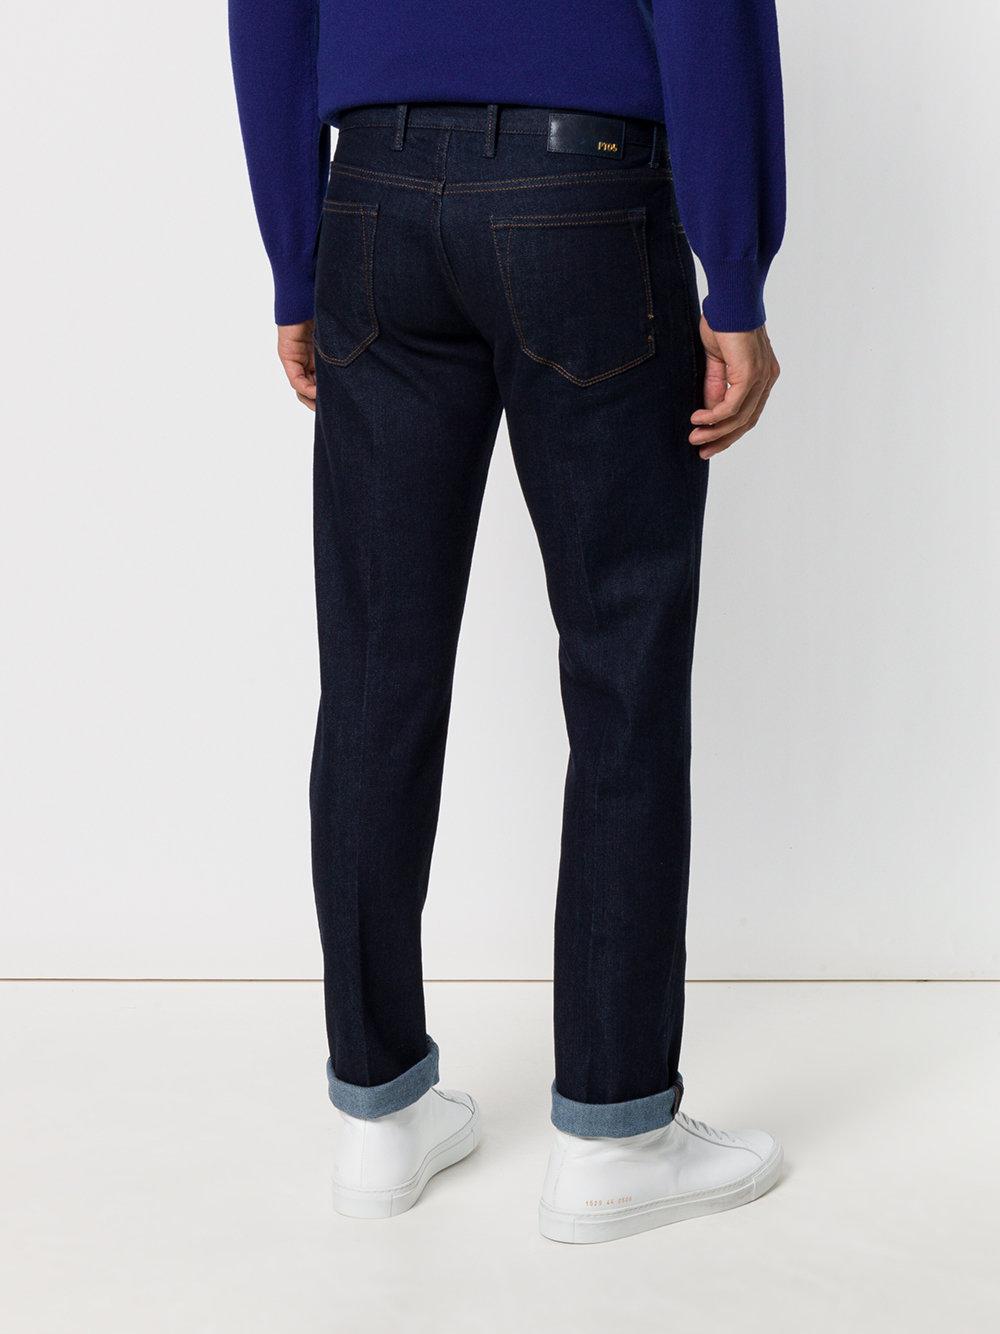 Pt05 Denim Slim-fit Jeans in Blue for Men